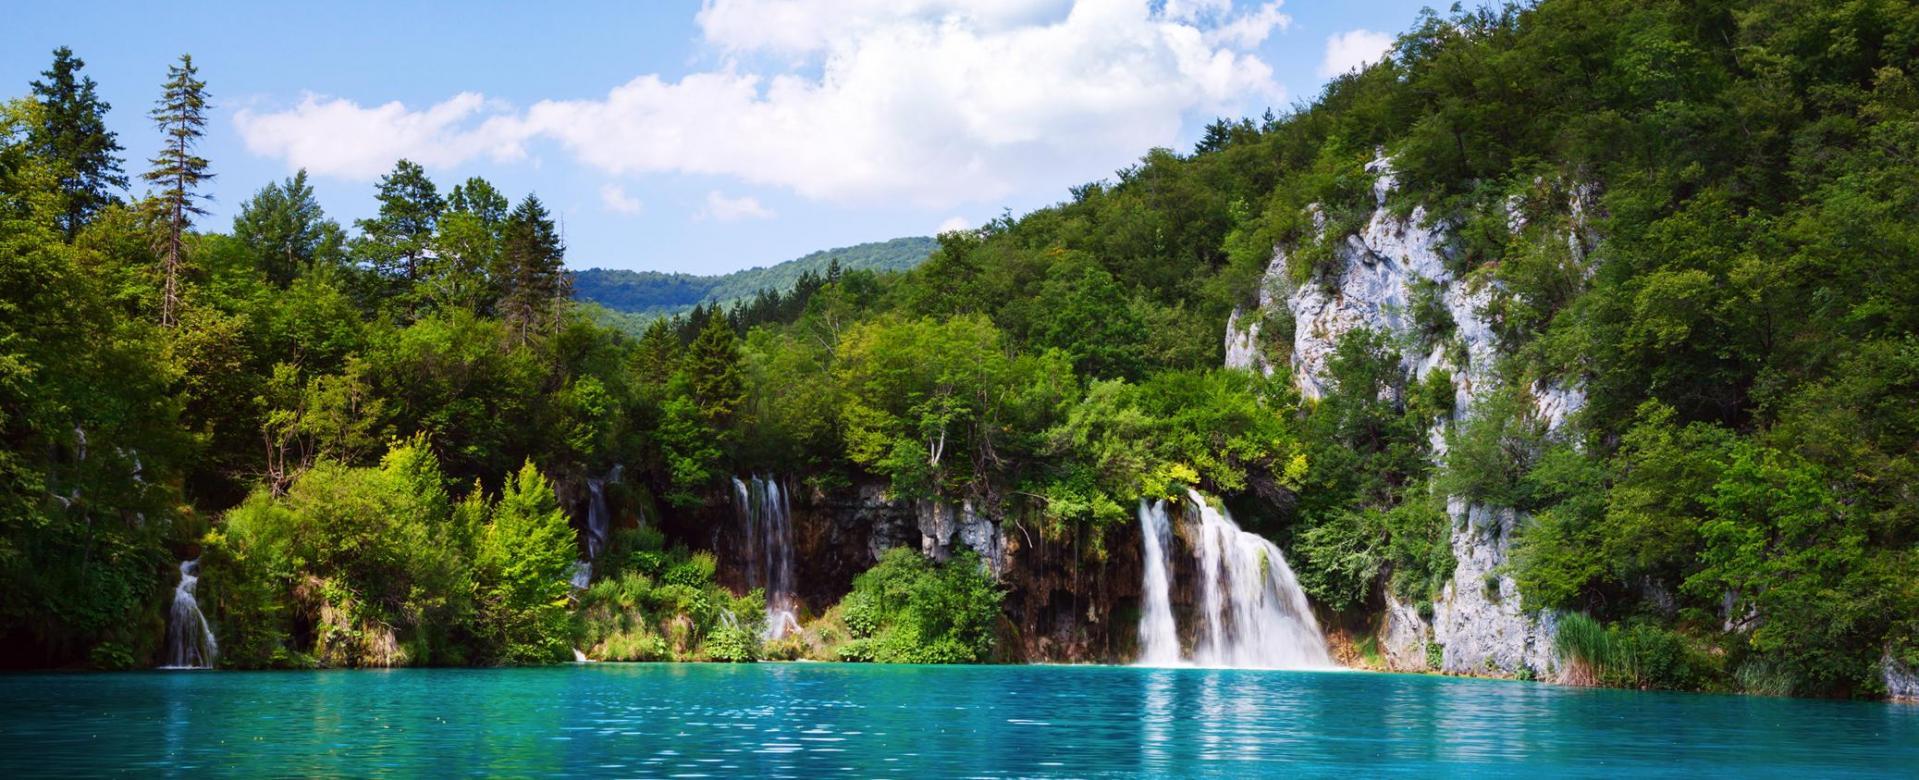 Voyage à pied Croatie : Parcs nationaux de dalmatie